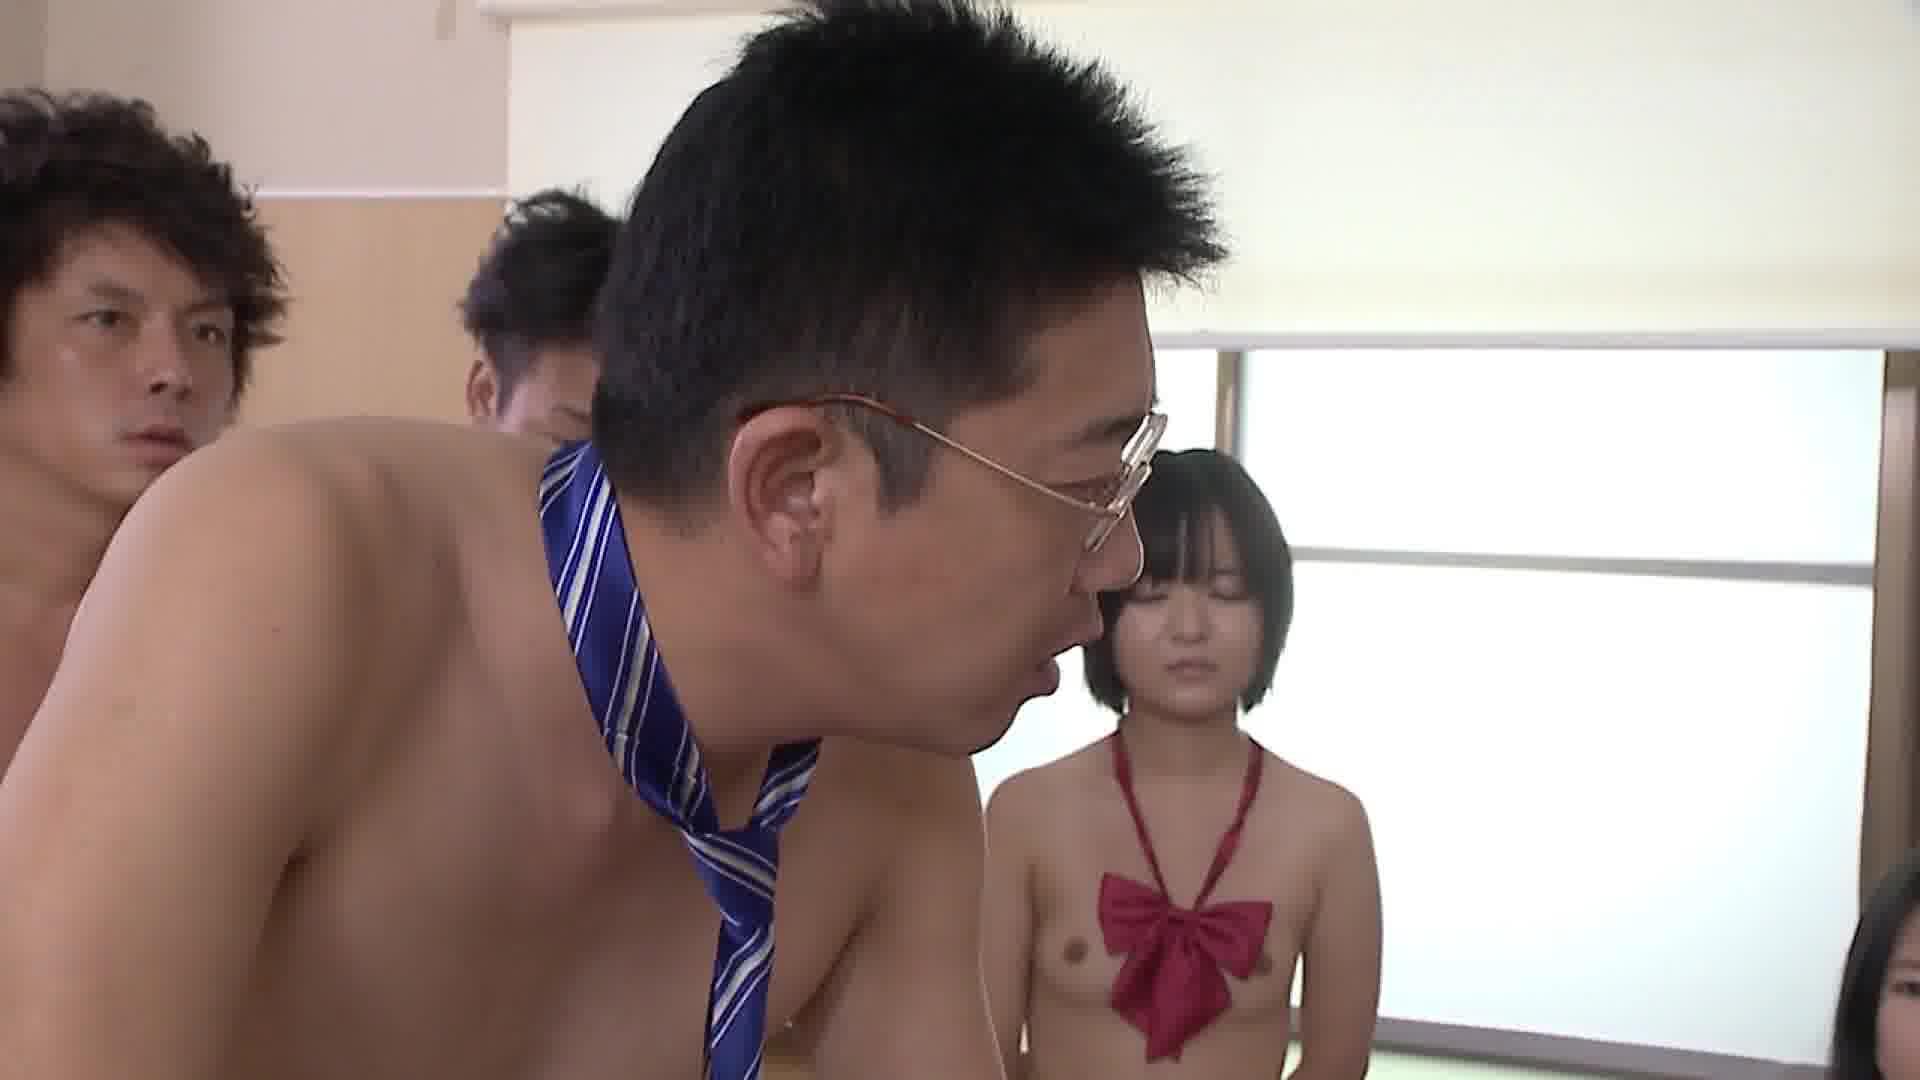 全裸de登校日 Part.1 - 薫ひな【コスプレ・制服・企画者】